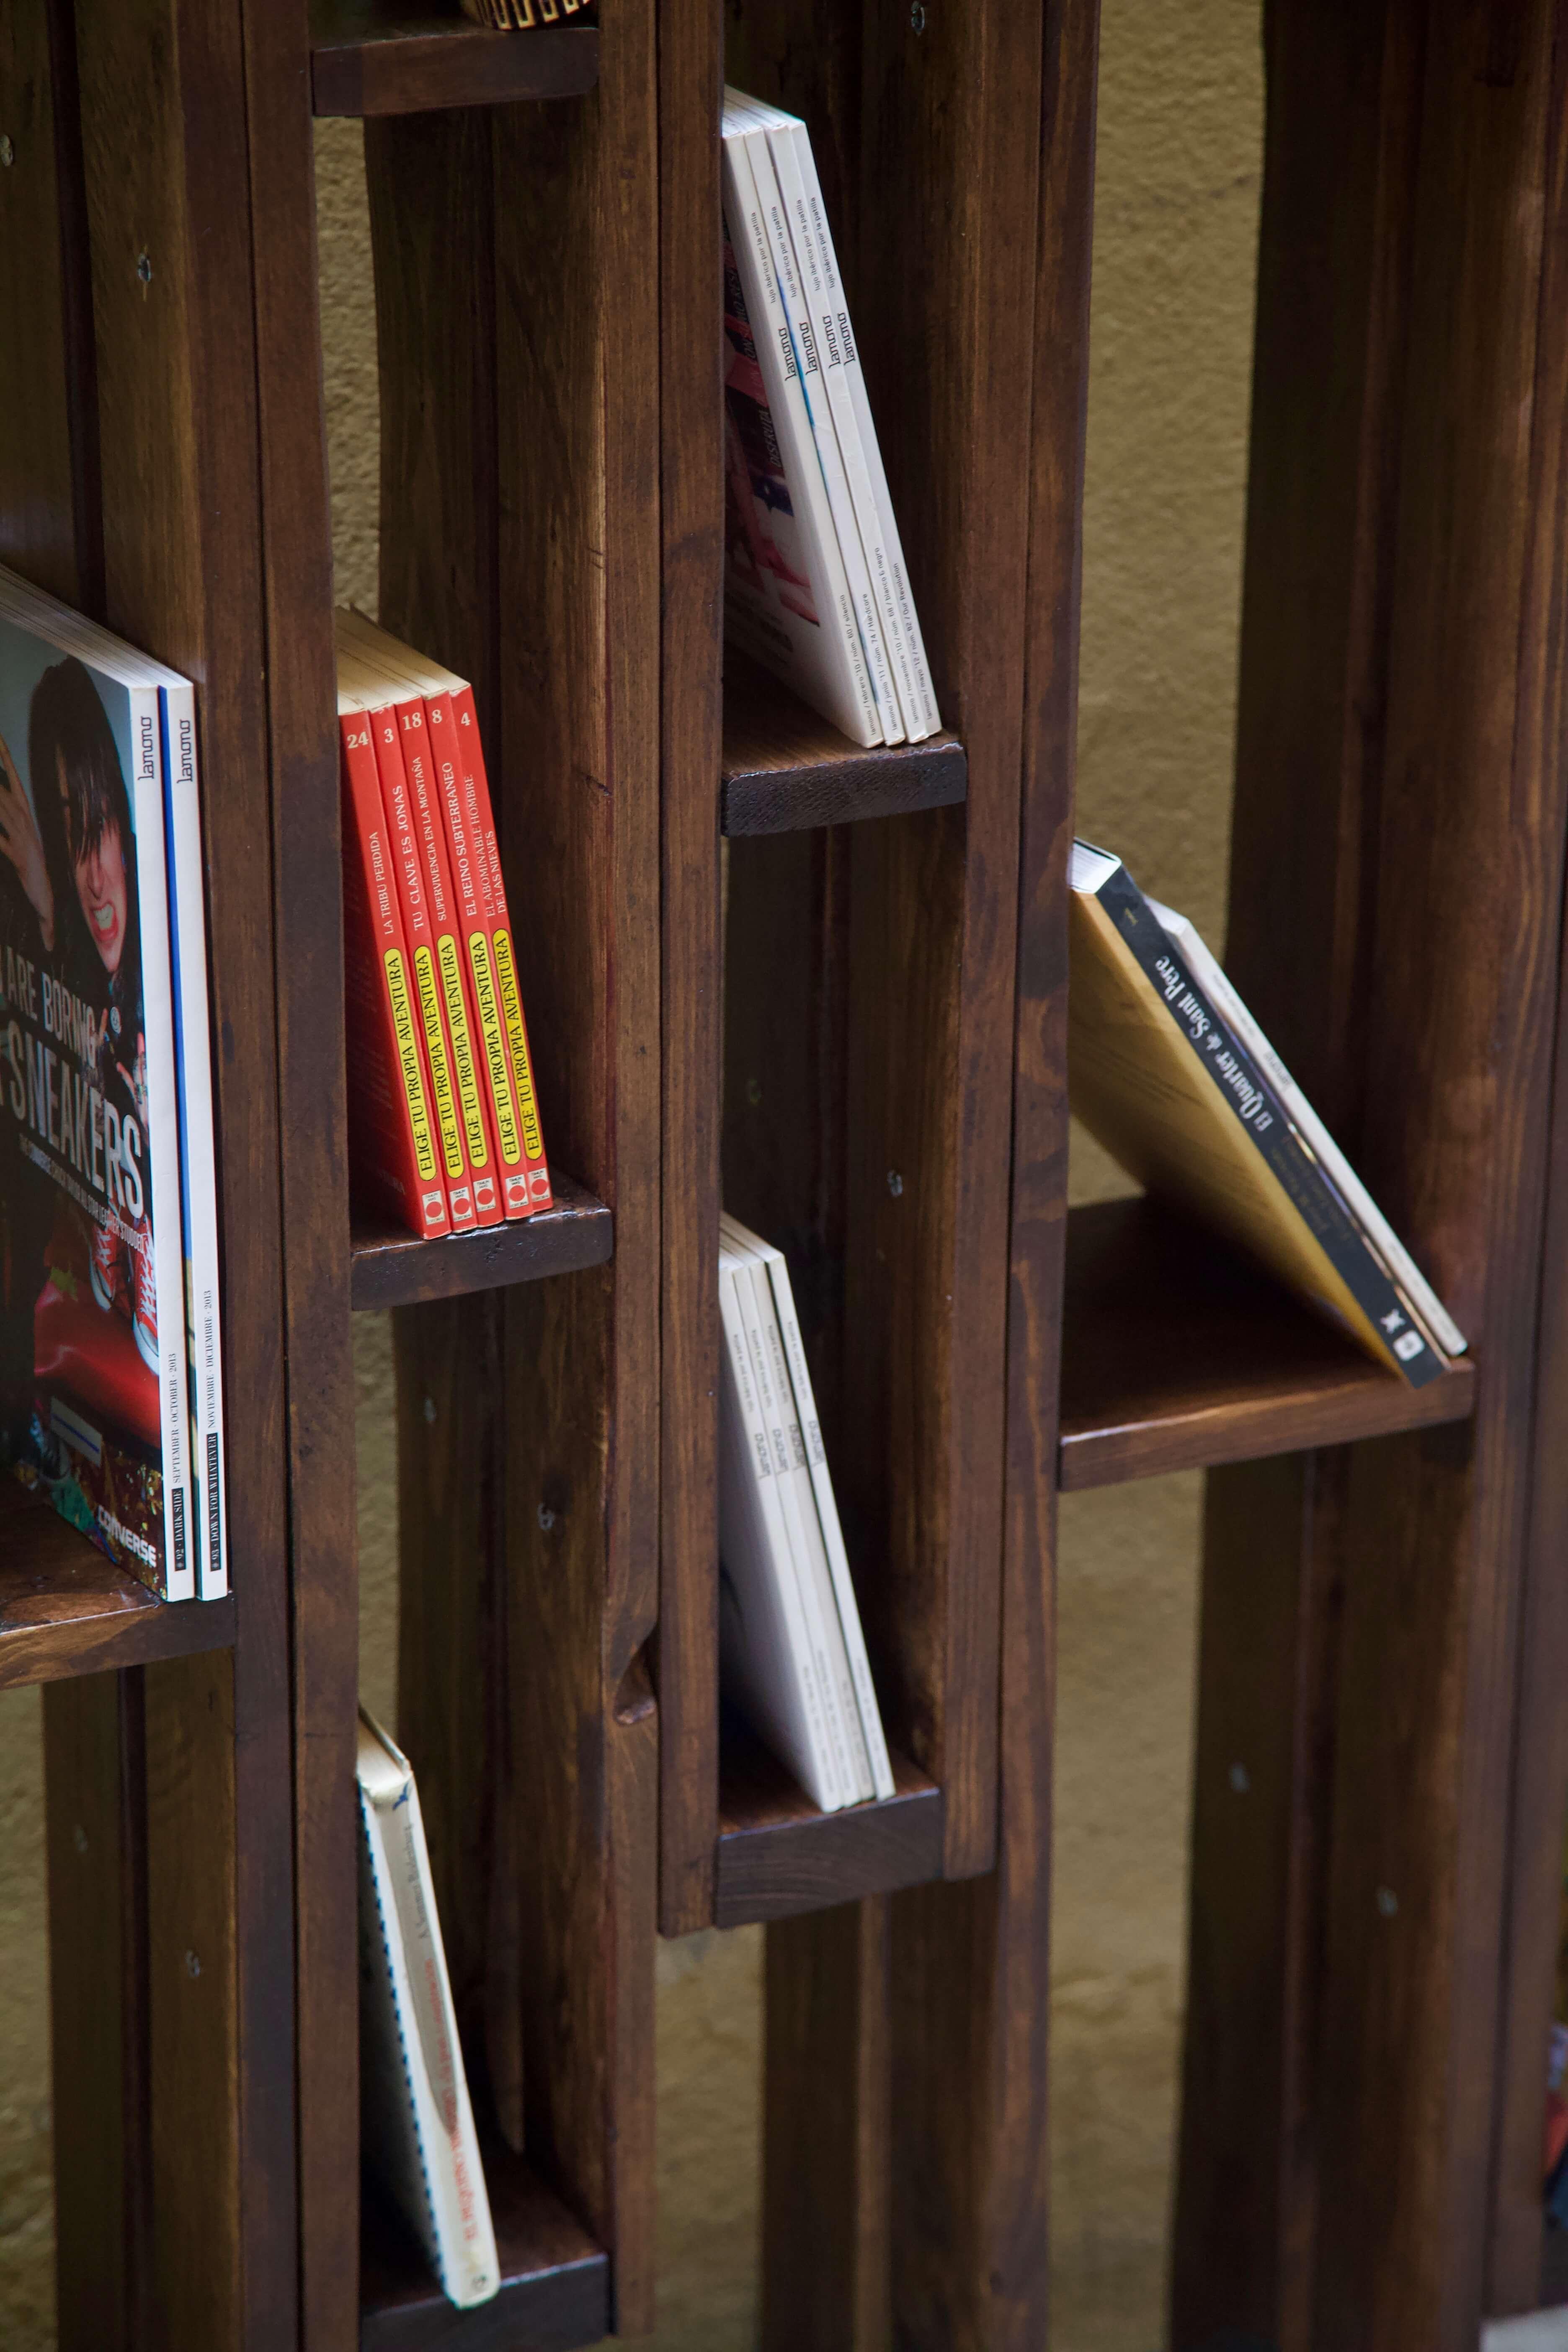 detalle de la libreria hecha con palets